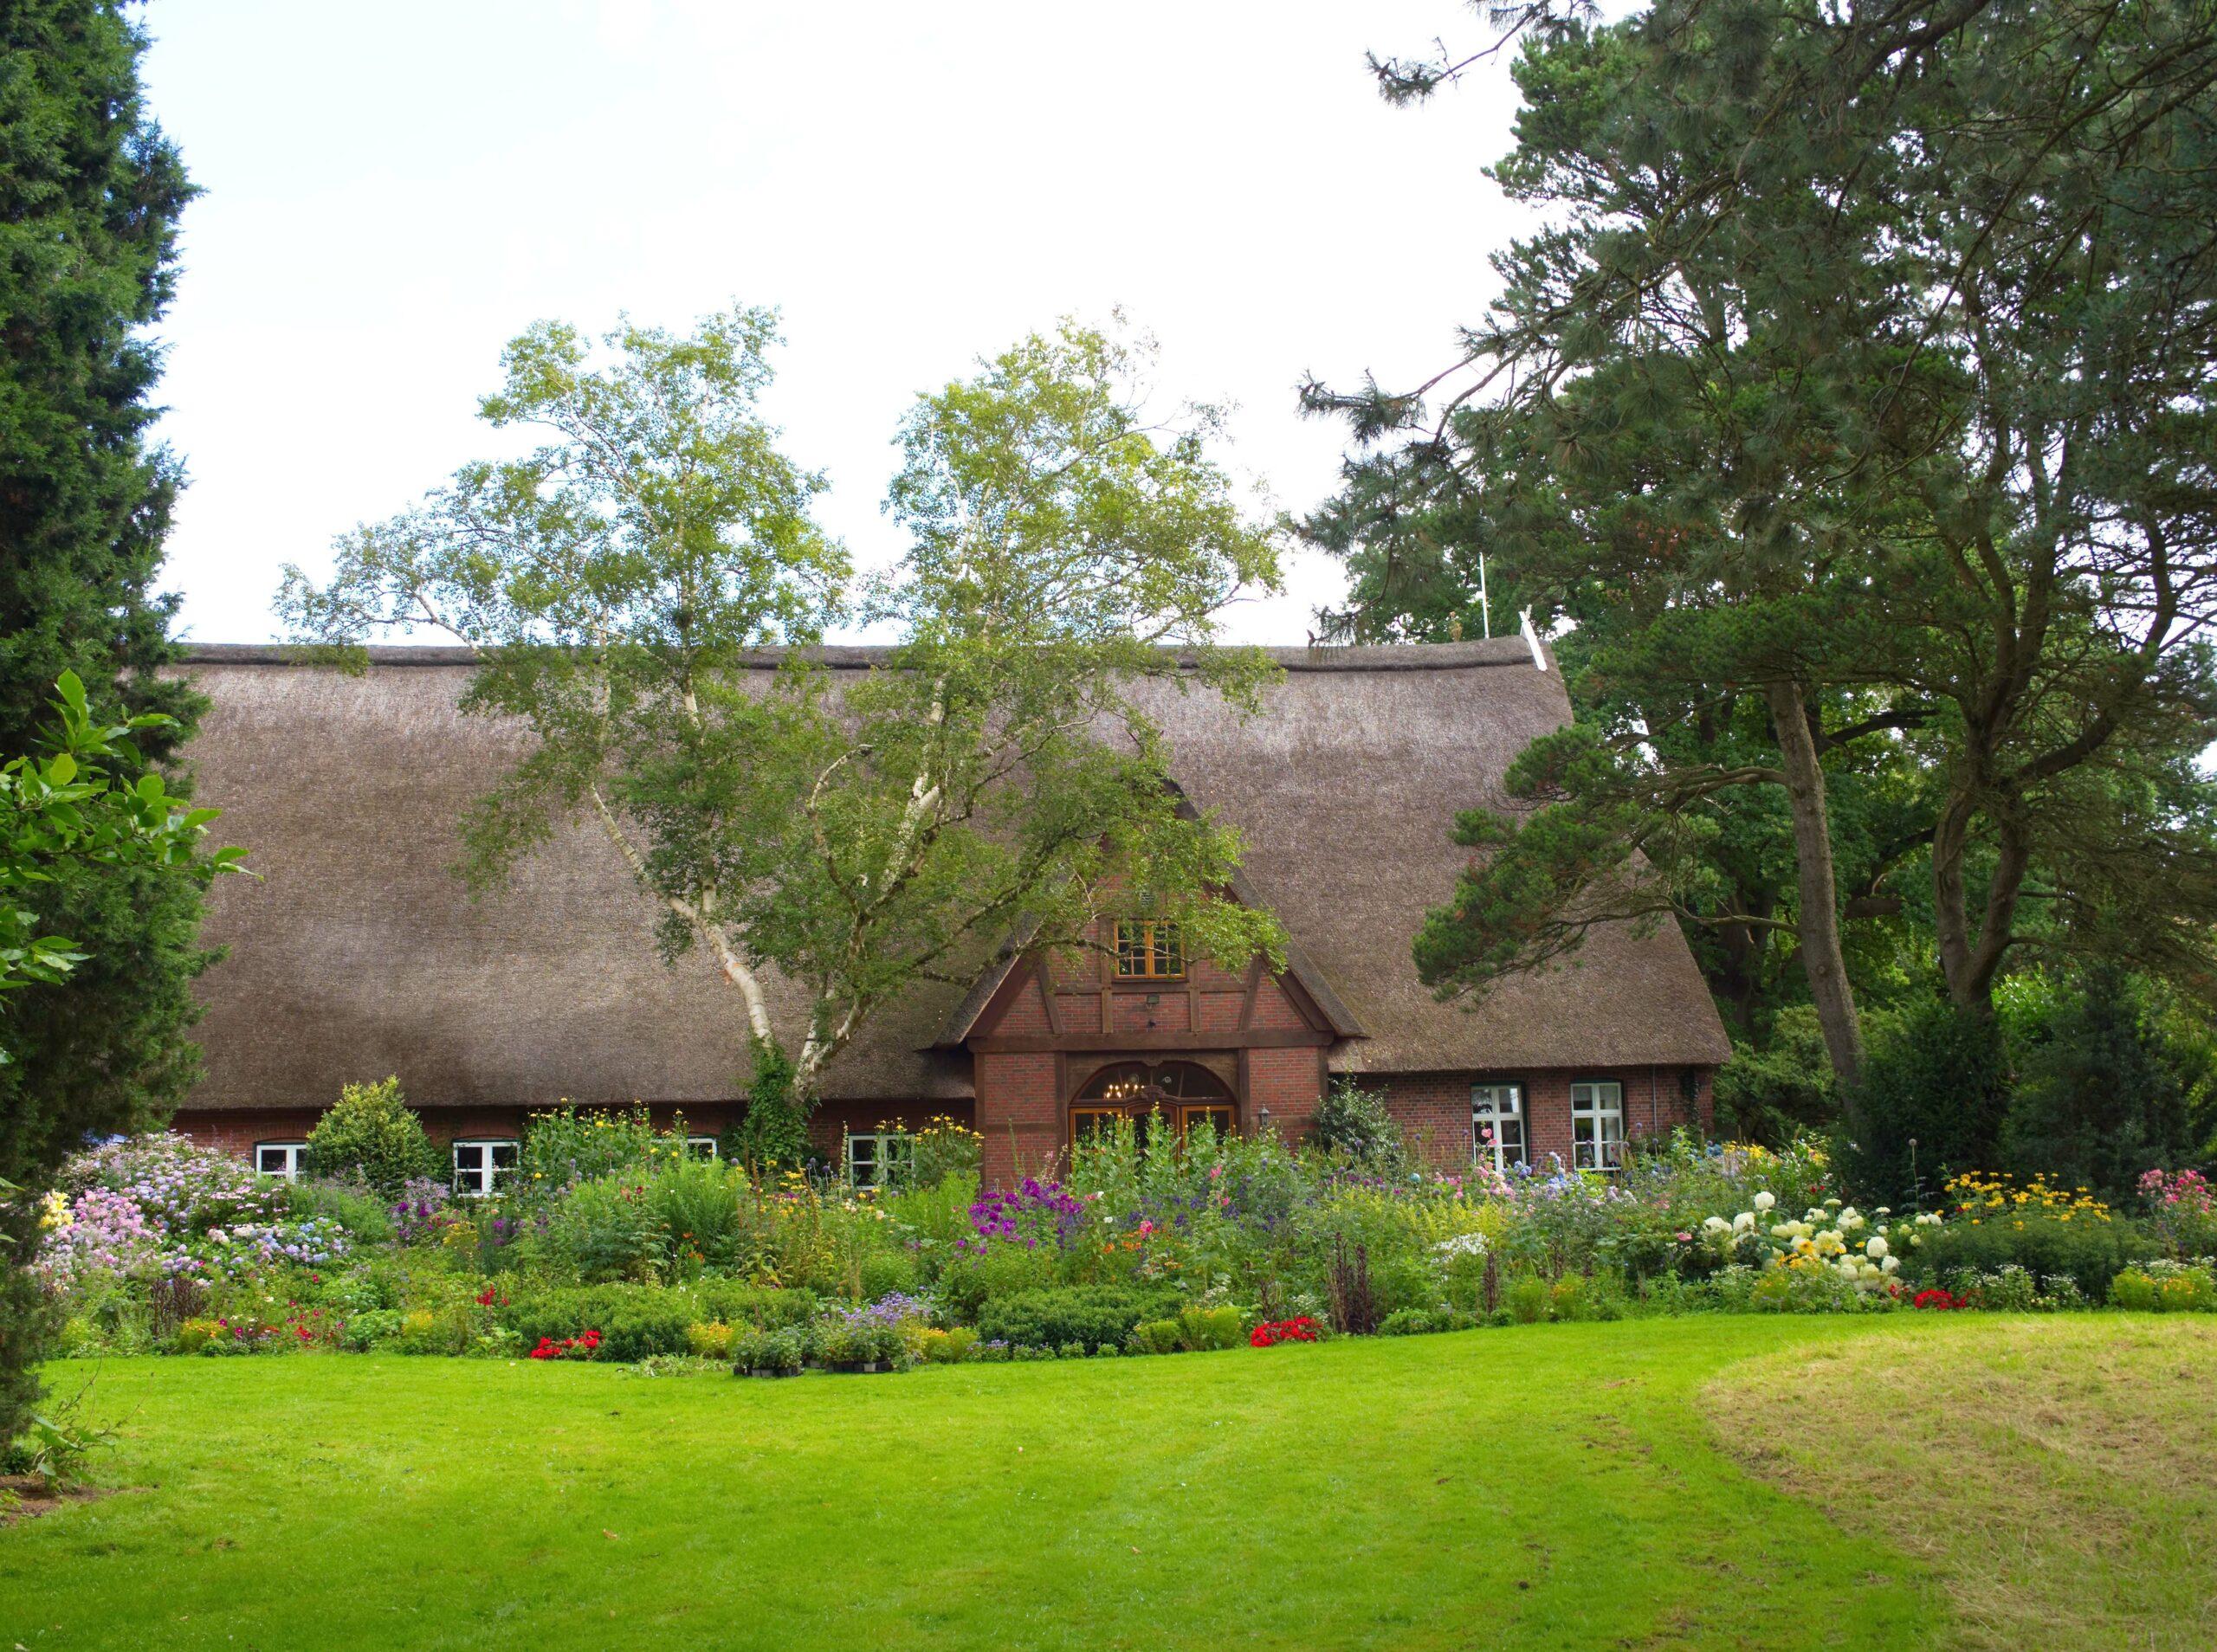 Harald Jablonsky- Arboretum Ellerhoop 03.08.2021 - Reetdachhaus